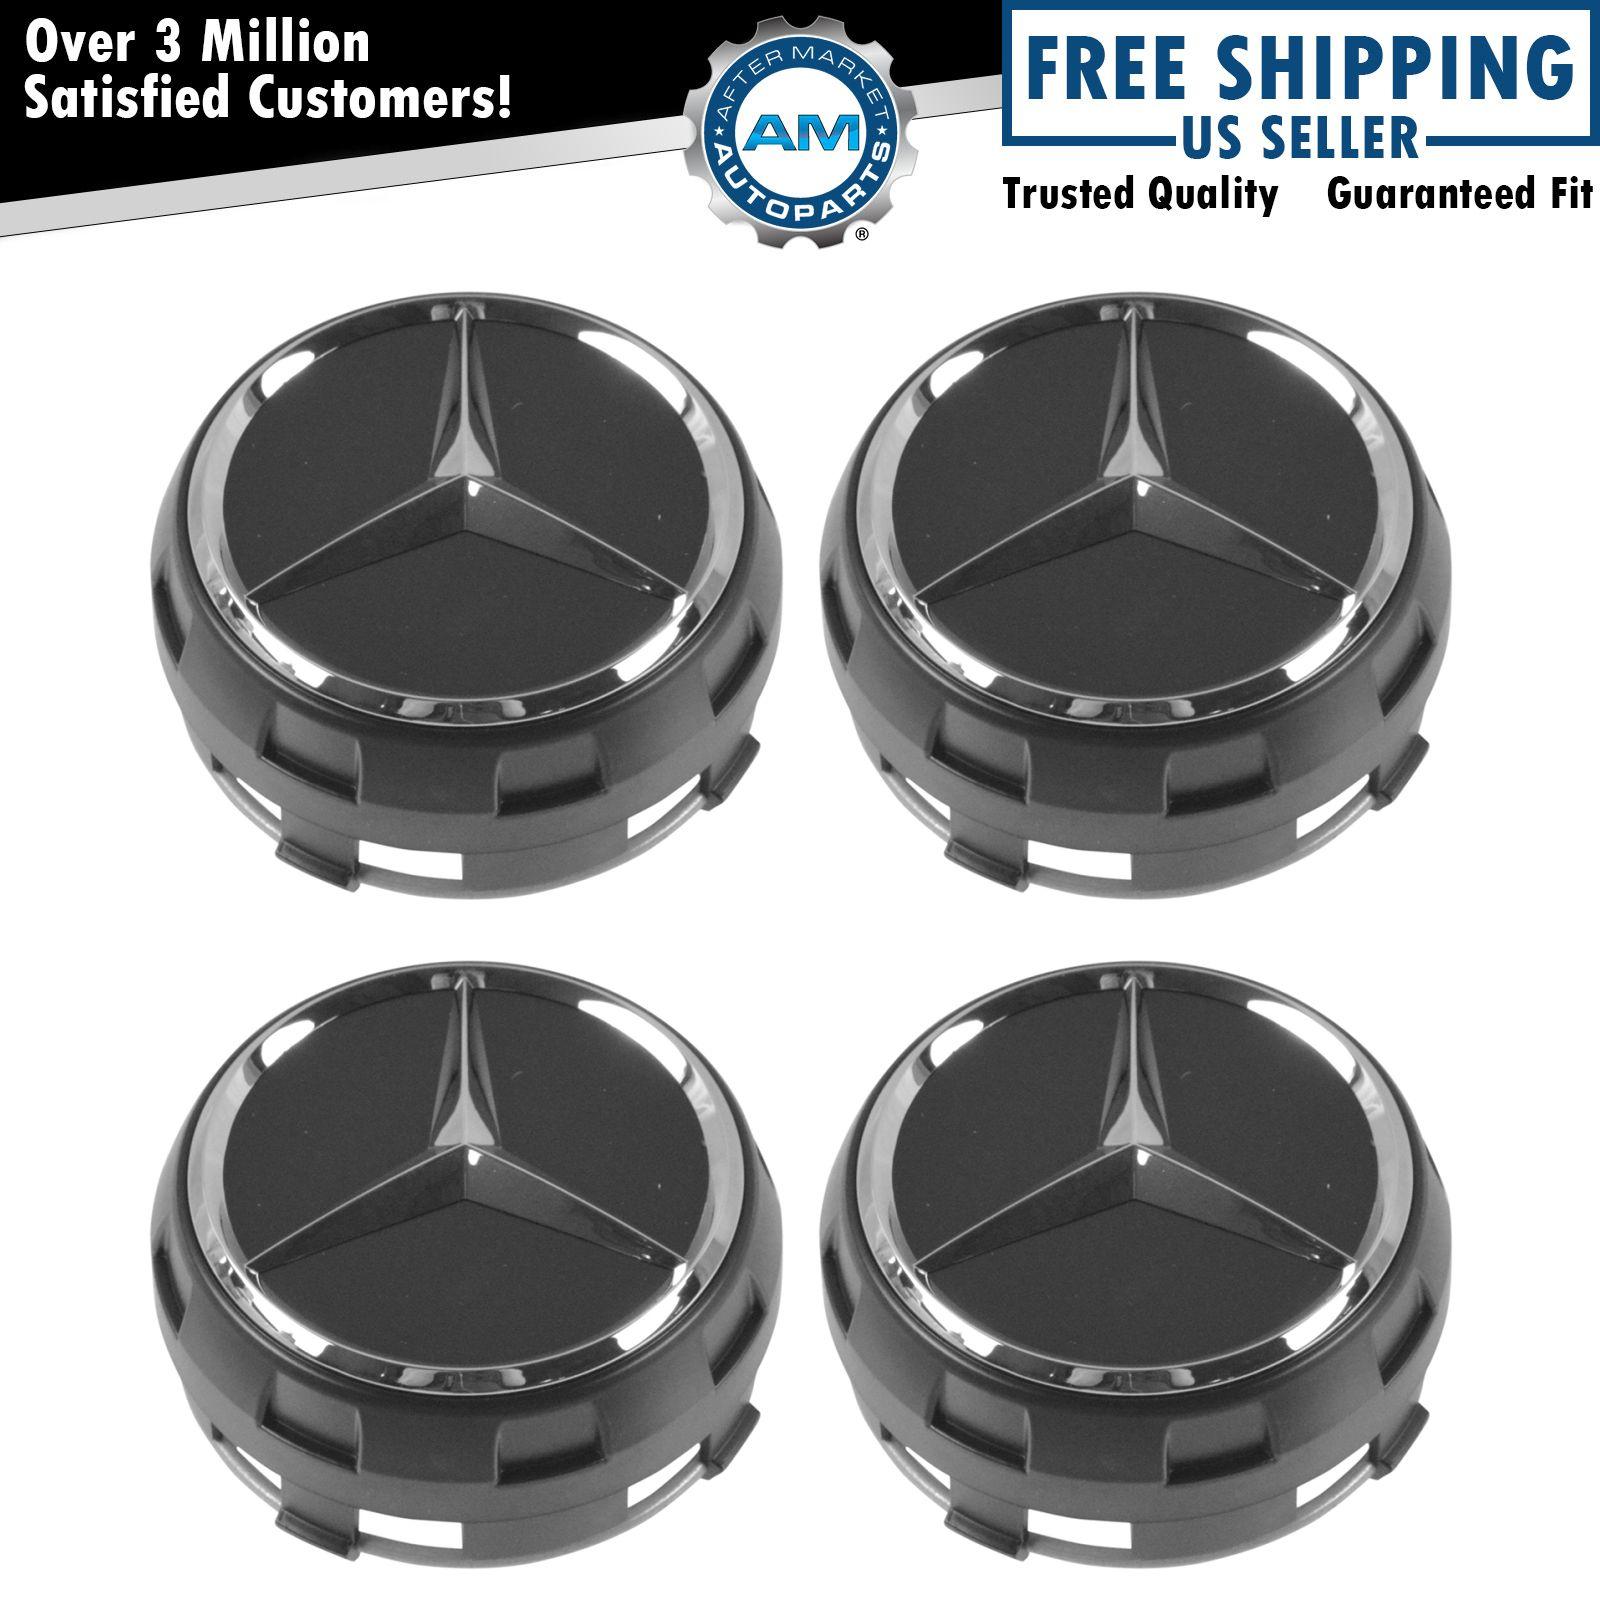 Oem raised chrome black wheel center cap set of 4 for for Mercedes benz hub caps